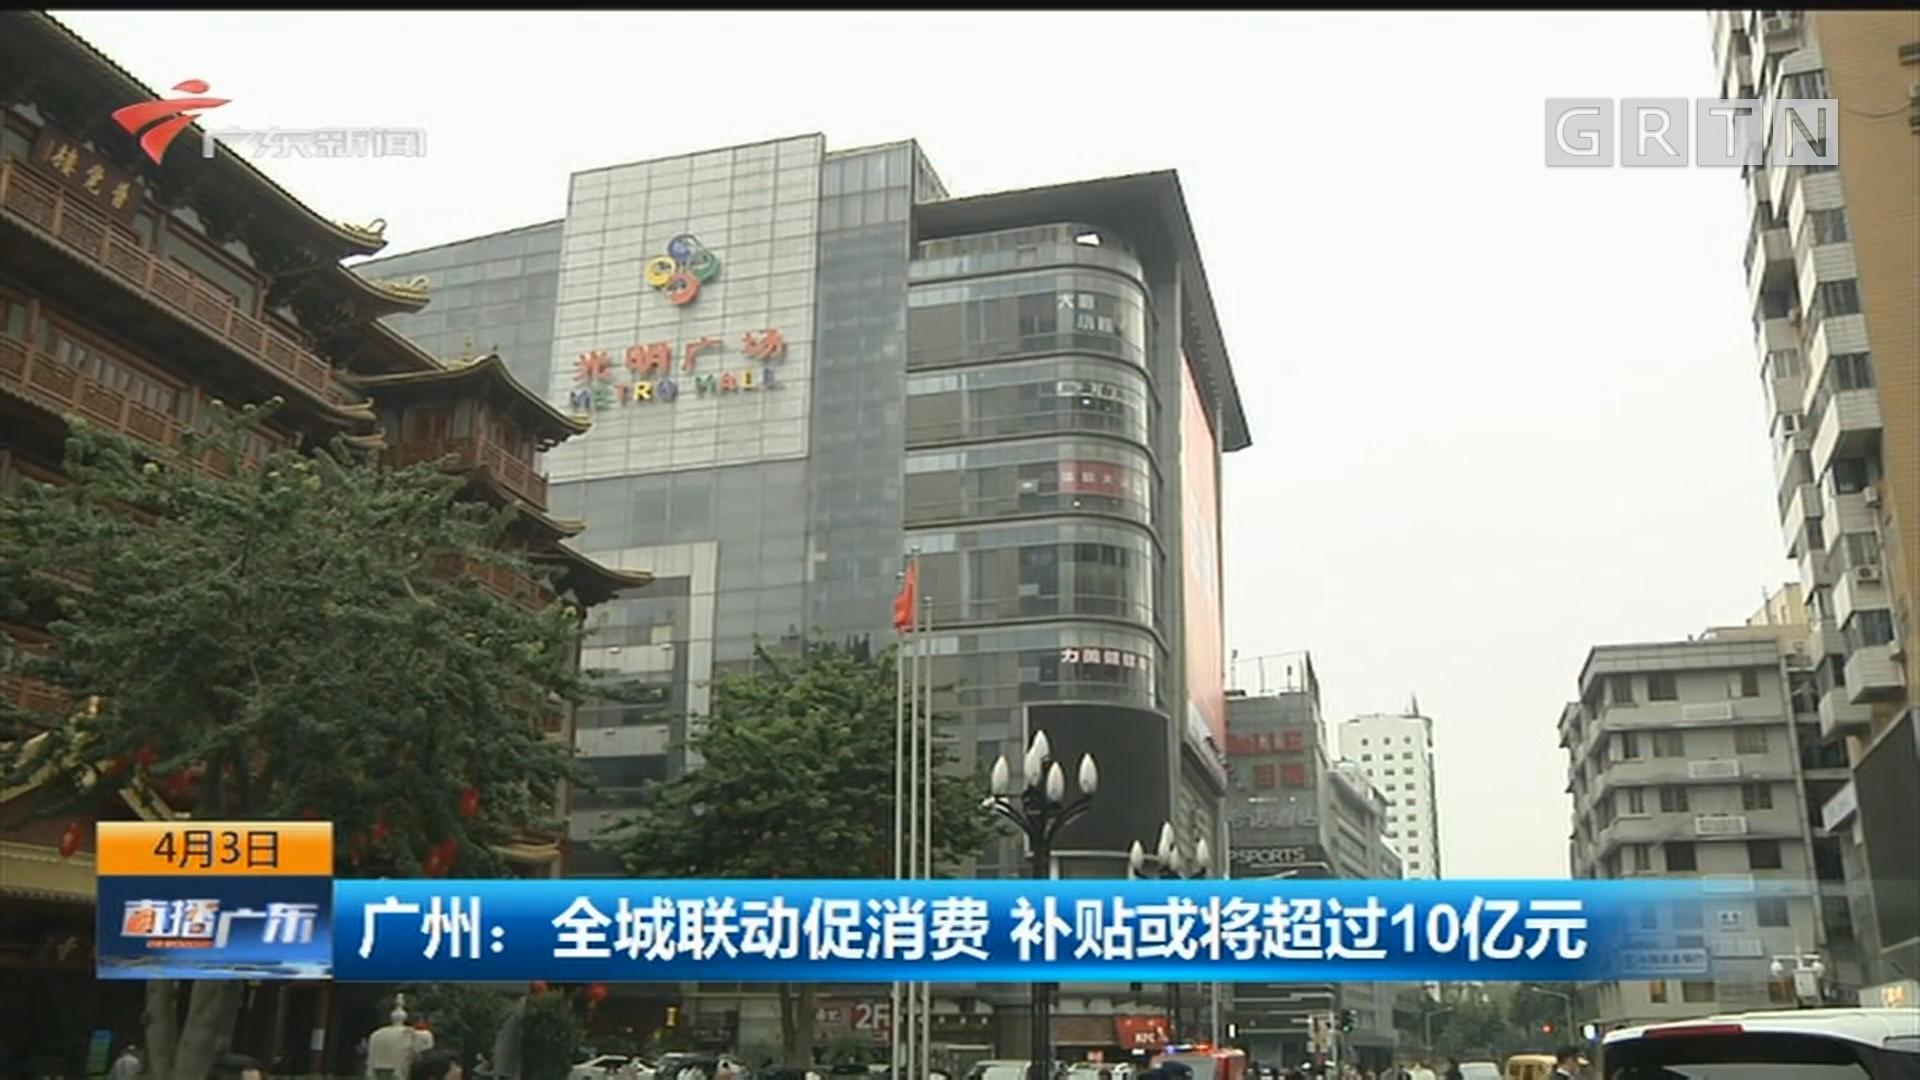 广州:全城联动促消费 补贴或将超过10亿元